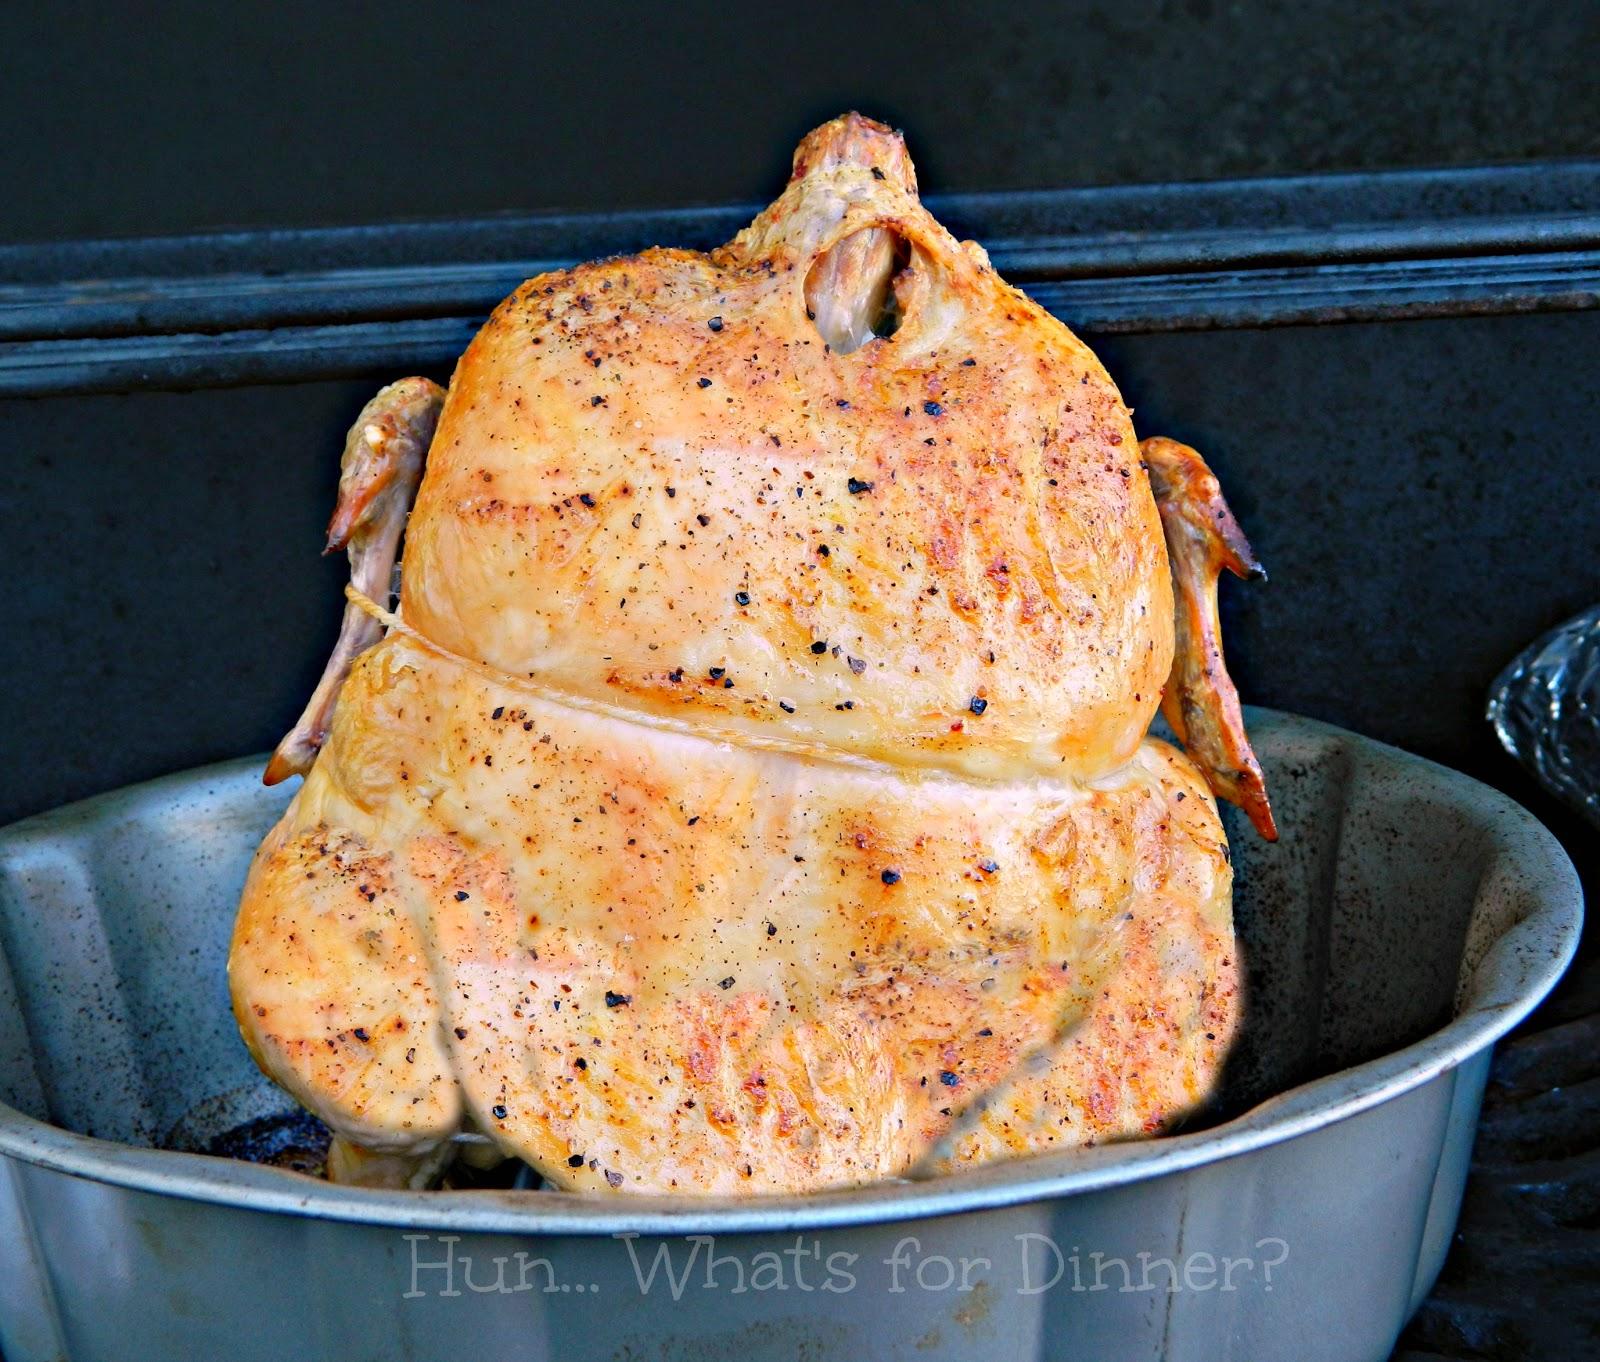 Grilled Bundt Pan Chicken- www.hunwhatsfordinner.com #Herbamare